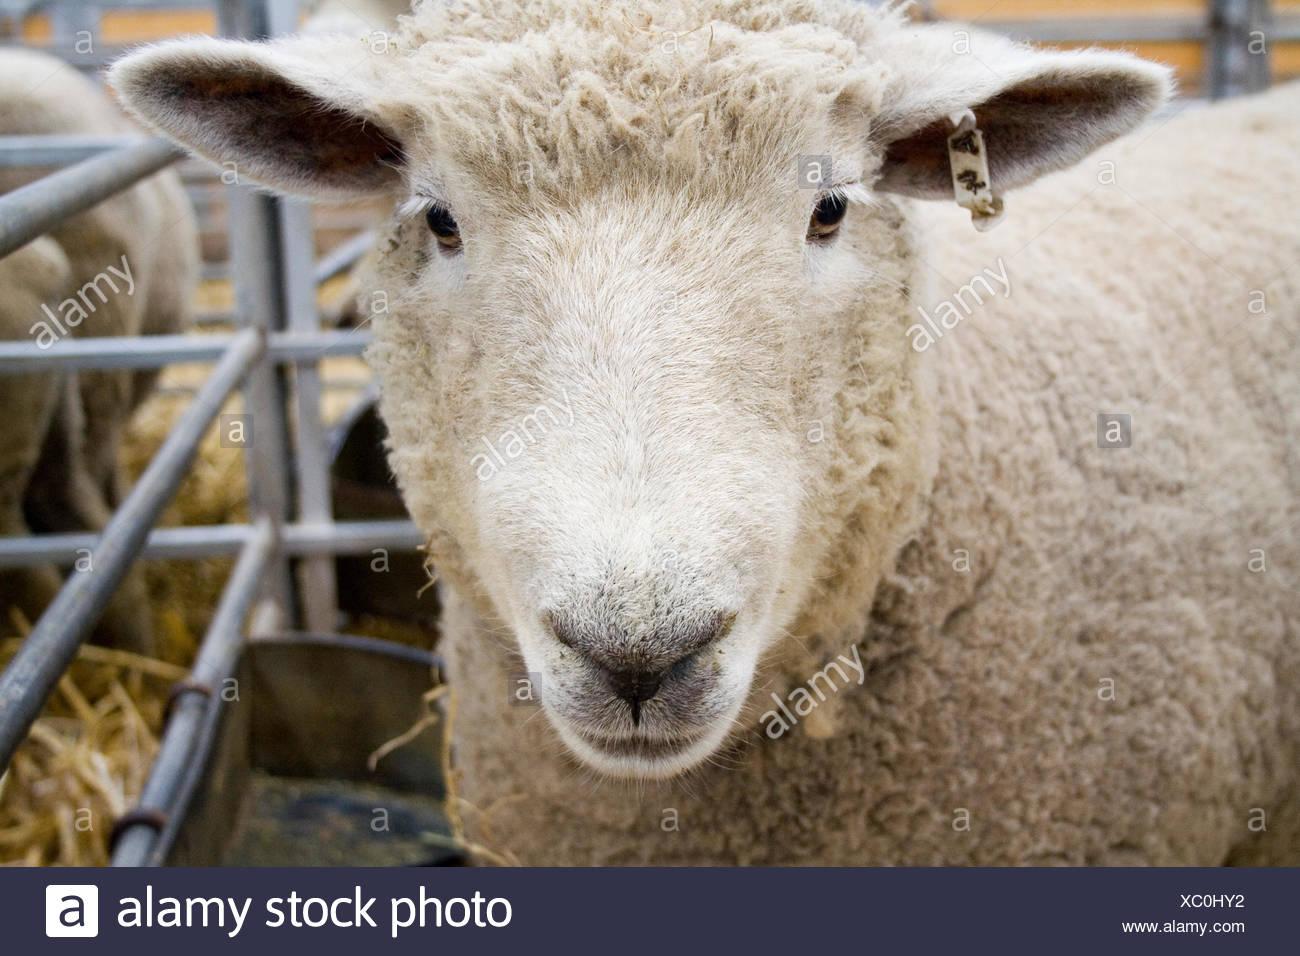 Curious Sheep - Stock Image